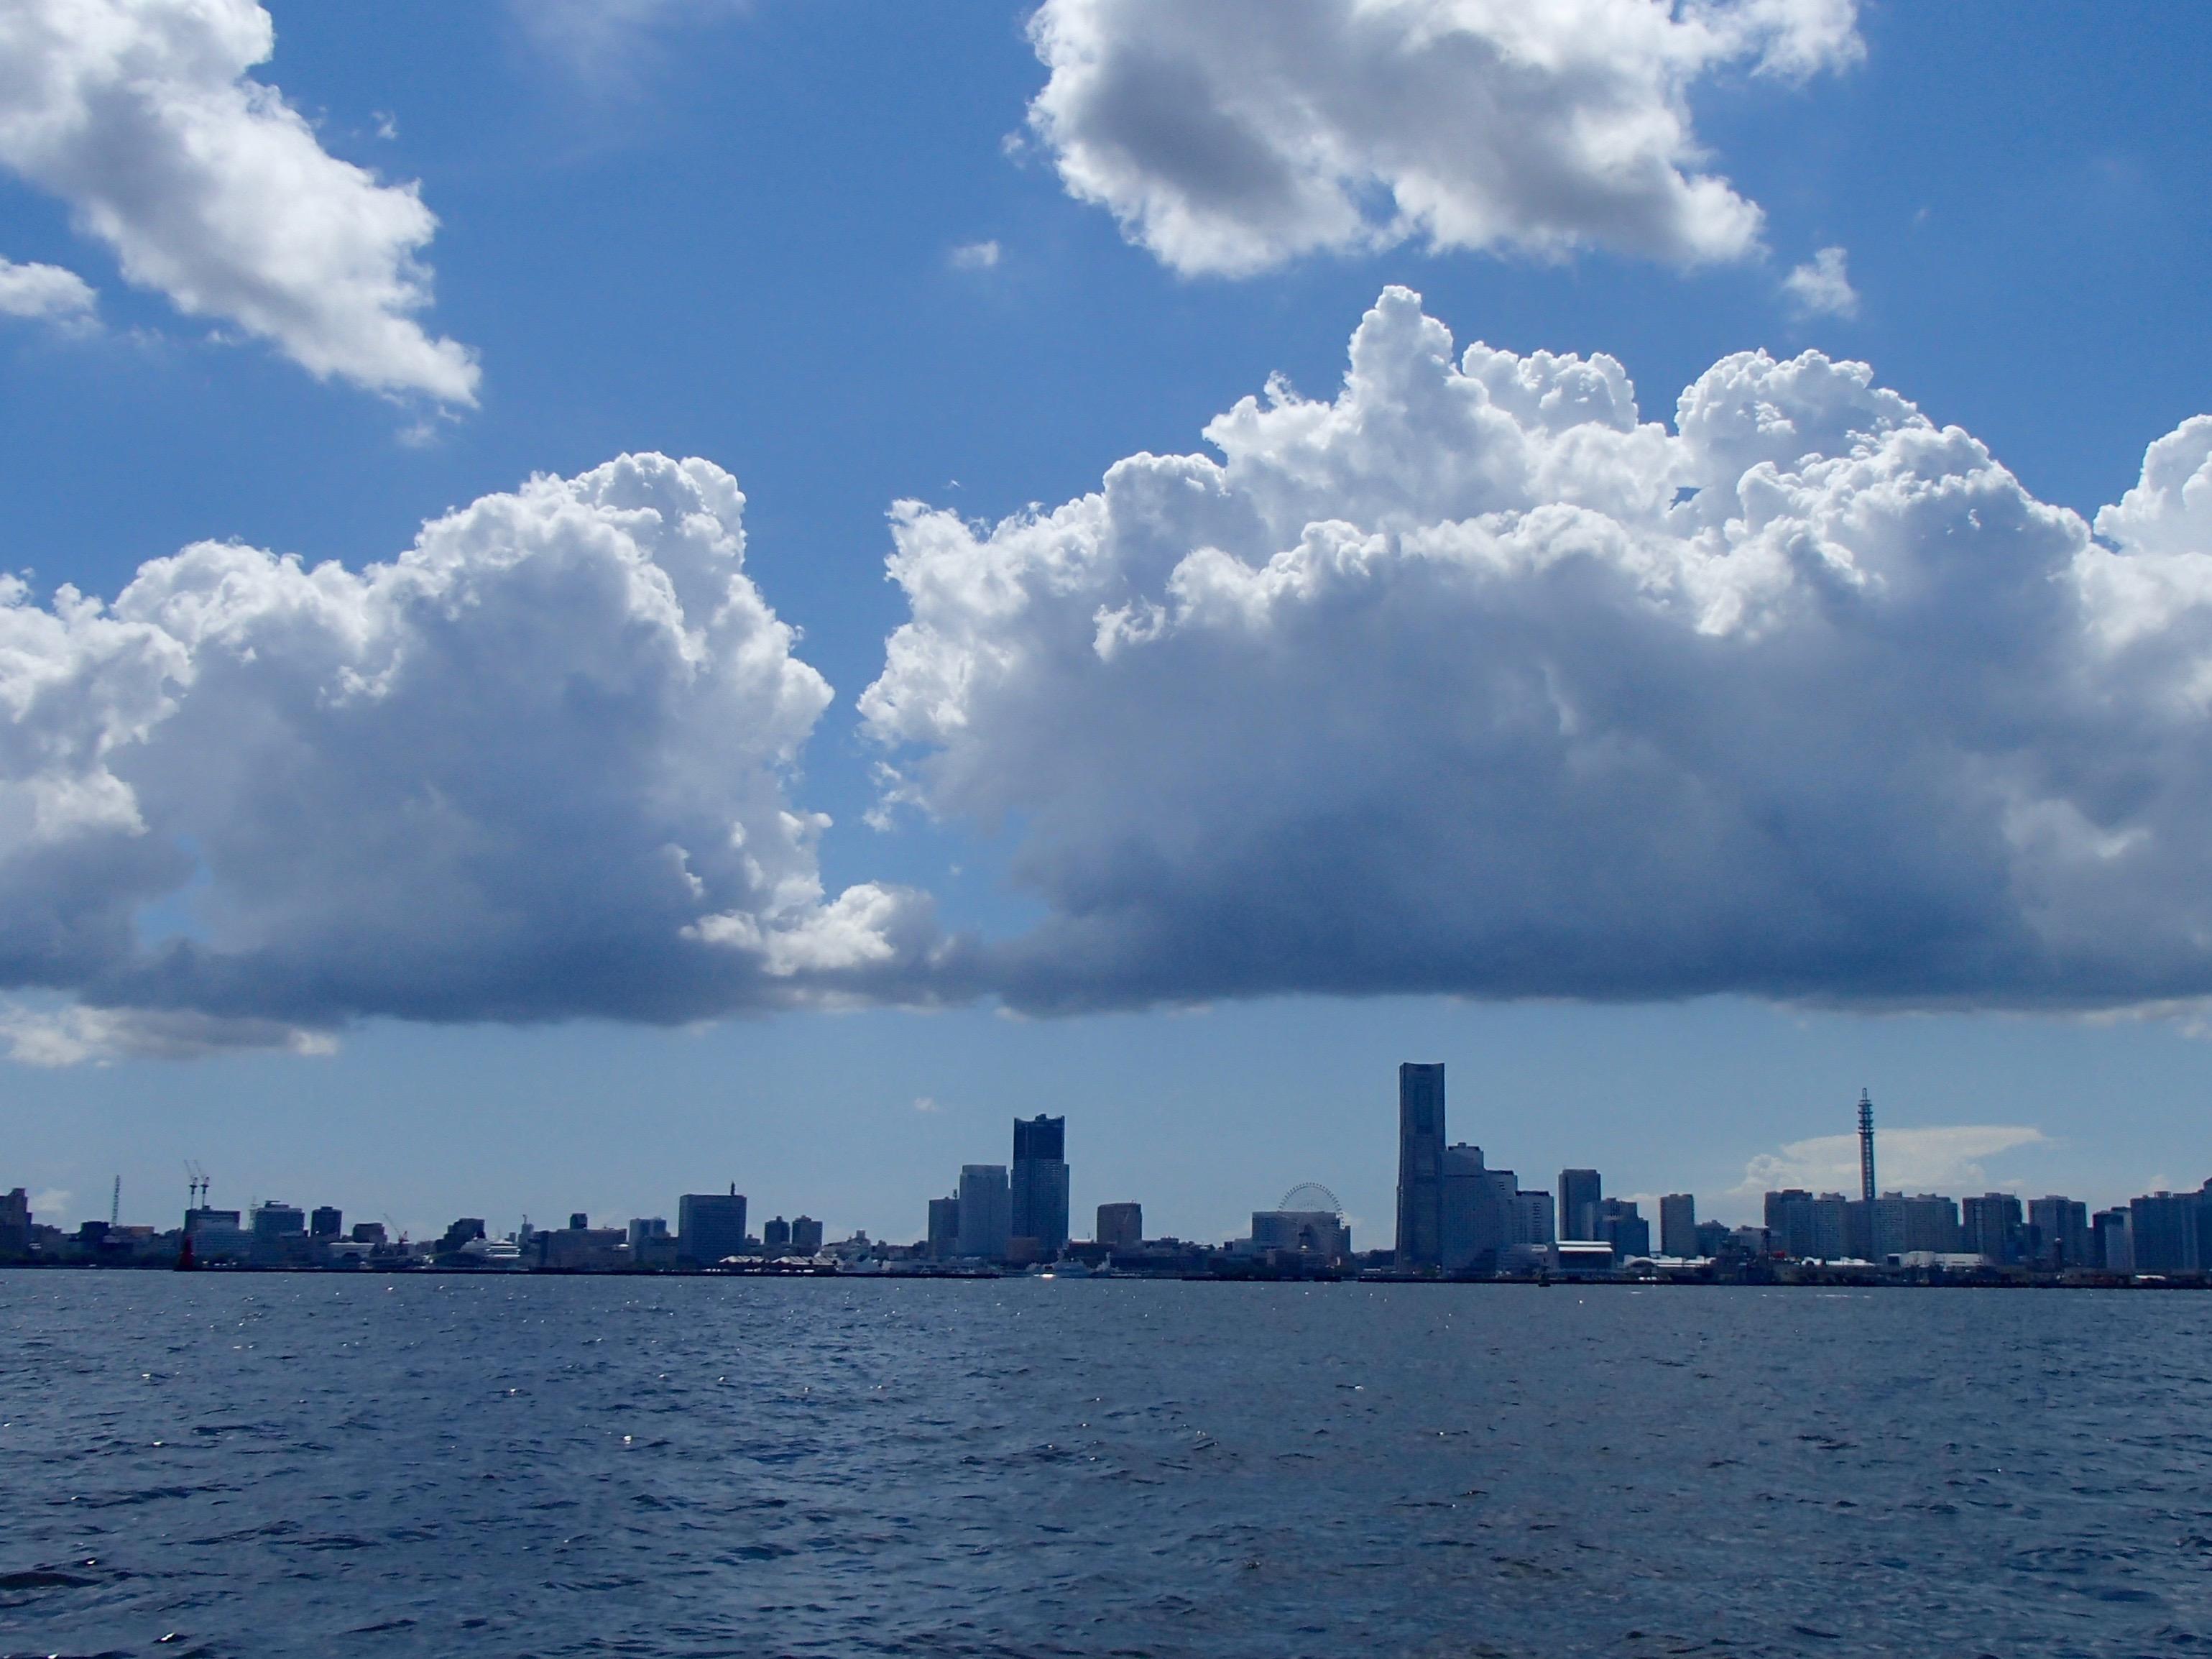 グロテスクな私……「照りゴチ」です マダコ爆湧きの東京湾で